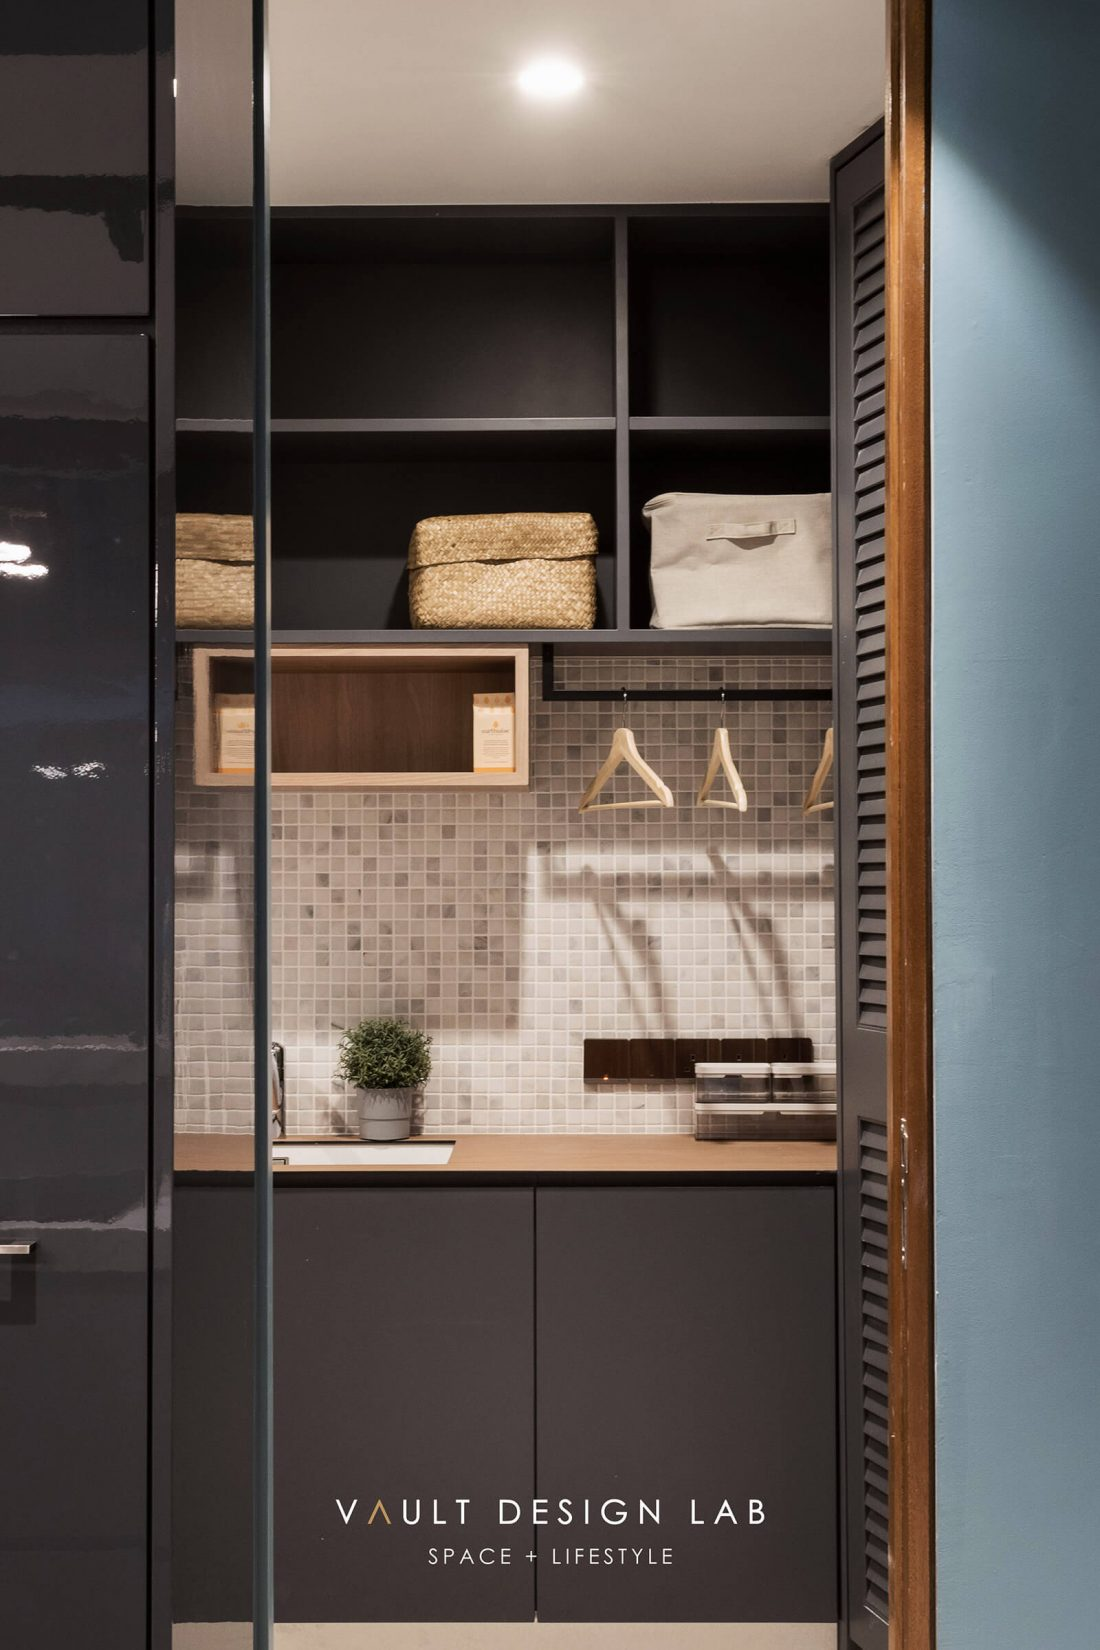 Interior-Design-Shorefront-Condominium-Ytl-Penang-Malaysia-Laundry-Area-Design-v1